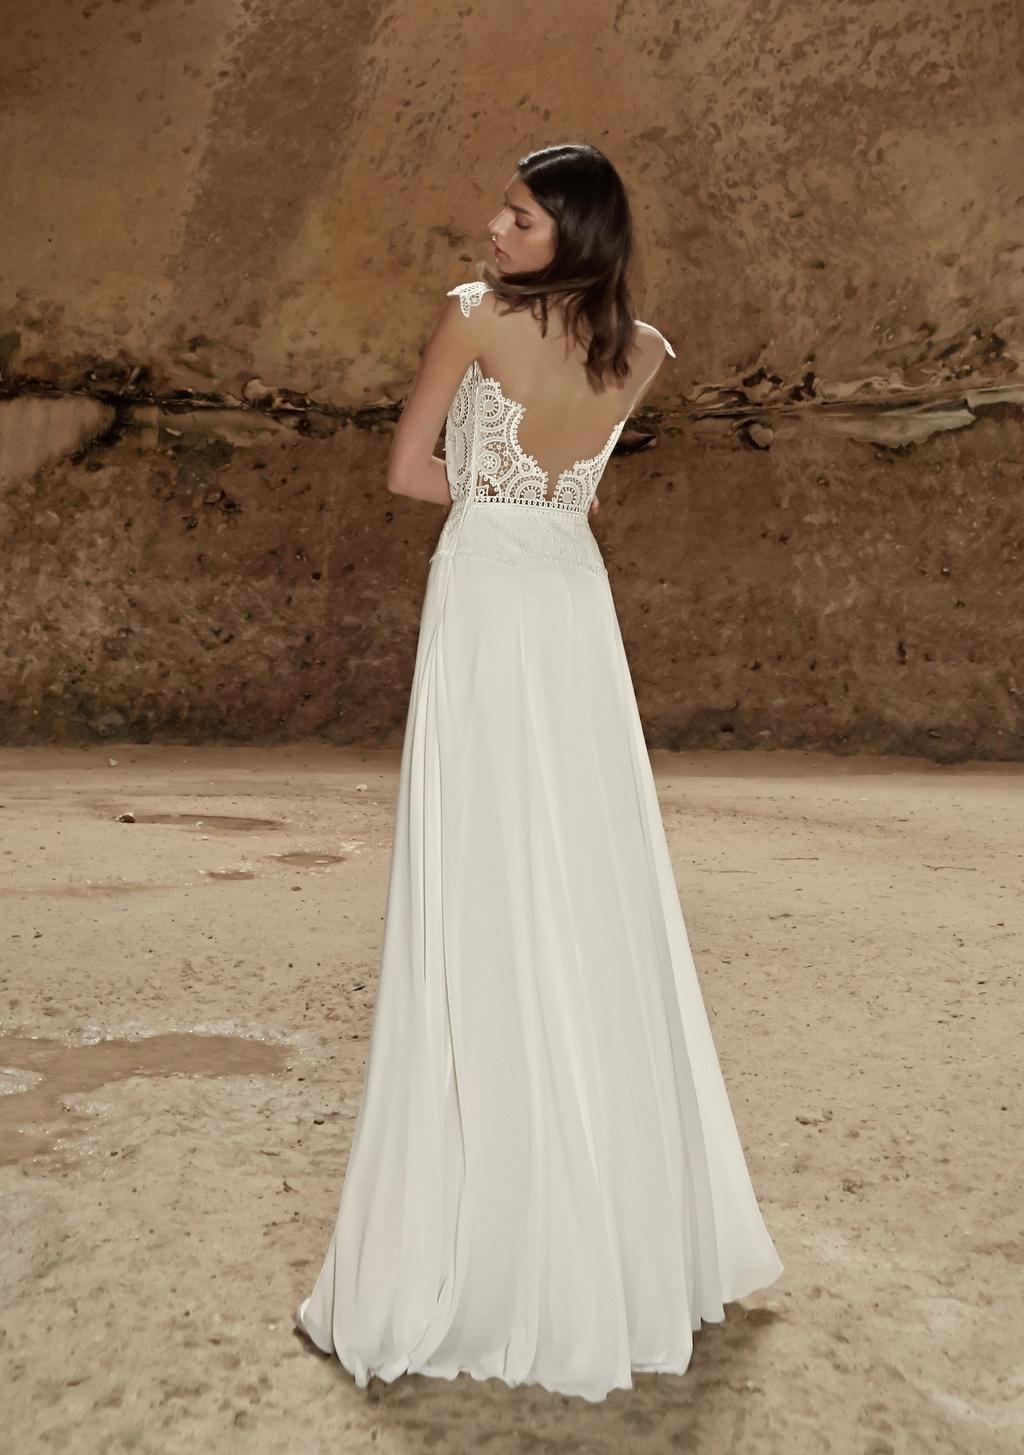 Tribal__wedding_dress_back_by_limorrosen.full